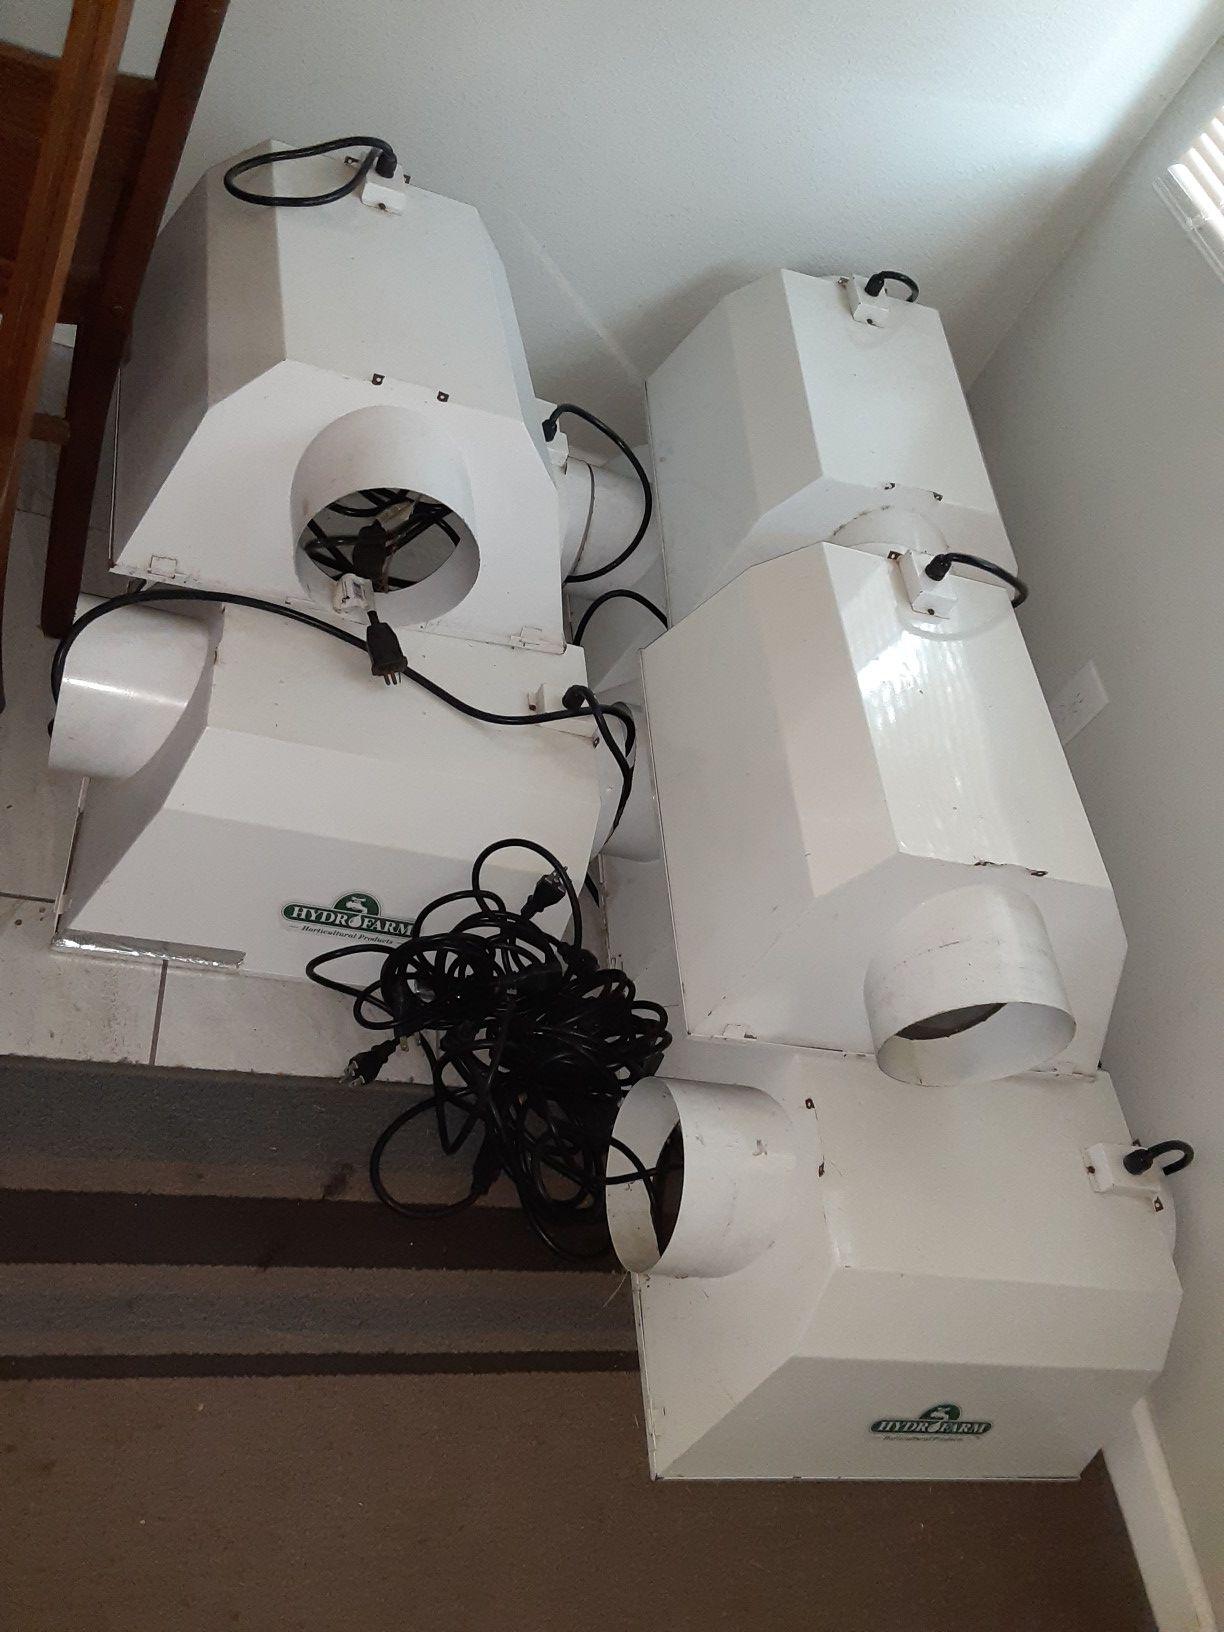 8 hydrofarm grow lights with ballast and bulbs